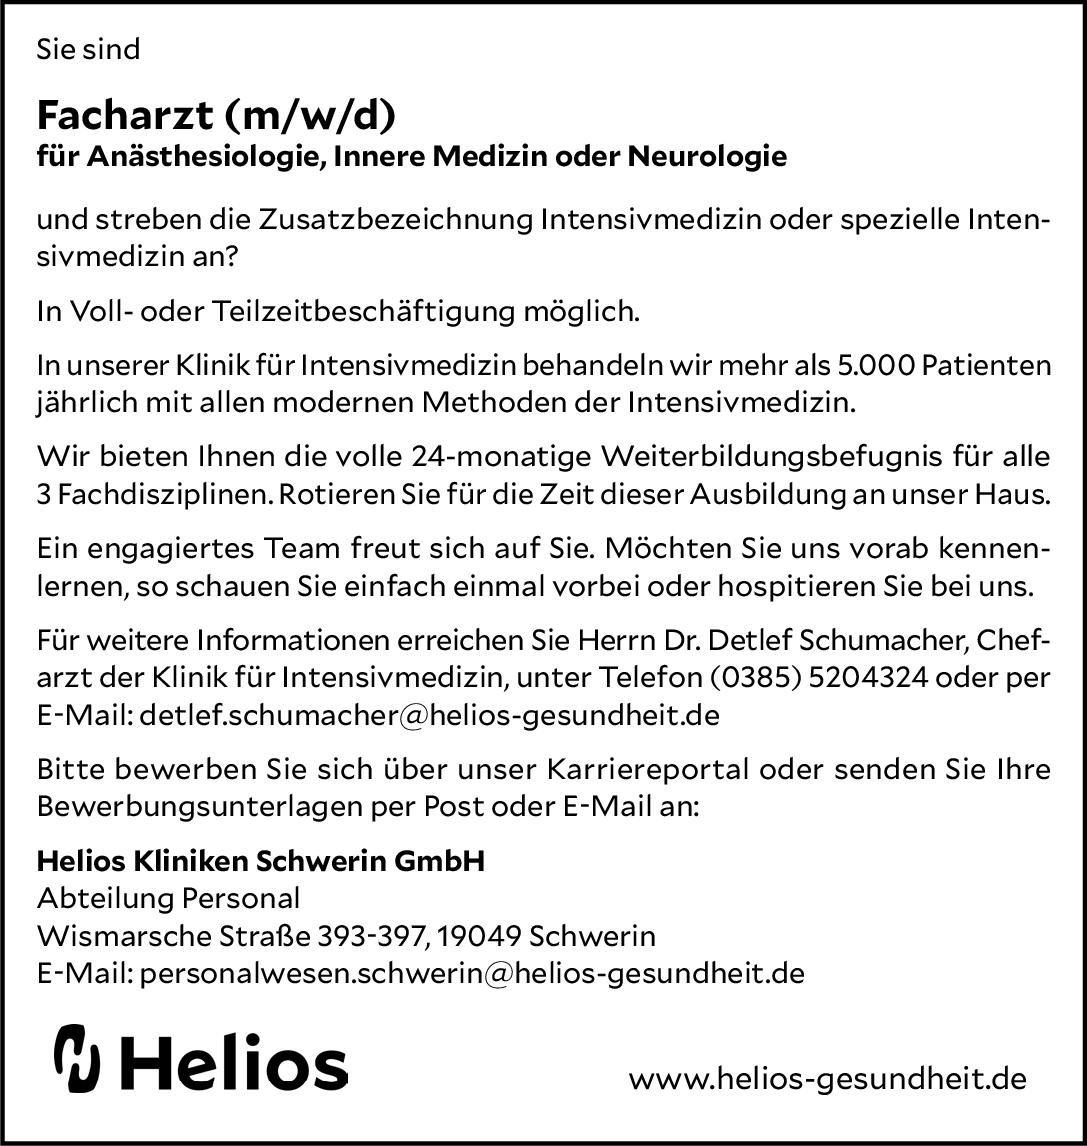 Helios Kliniken Schwerin GmbH Facharzt (m/w/d) für Anästhesiologie, Innere Medizin oder Neurologie  Innere Medizin, Anästhesiologie / Intensivmedizin, Innere Medizin Arzt / Facharzt